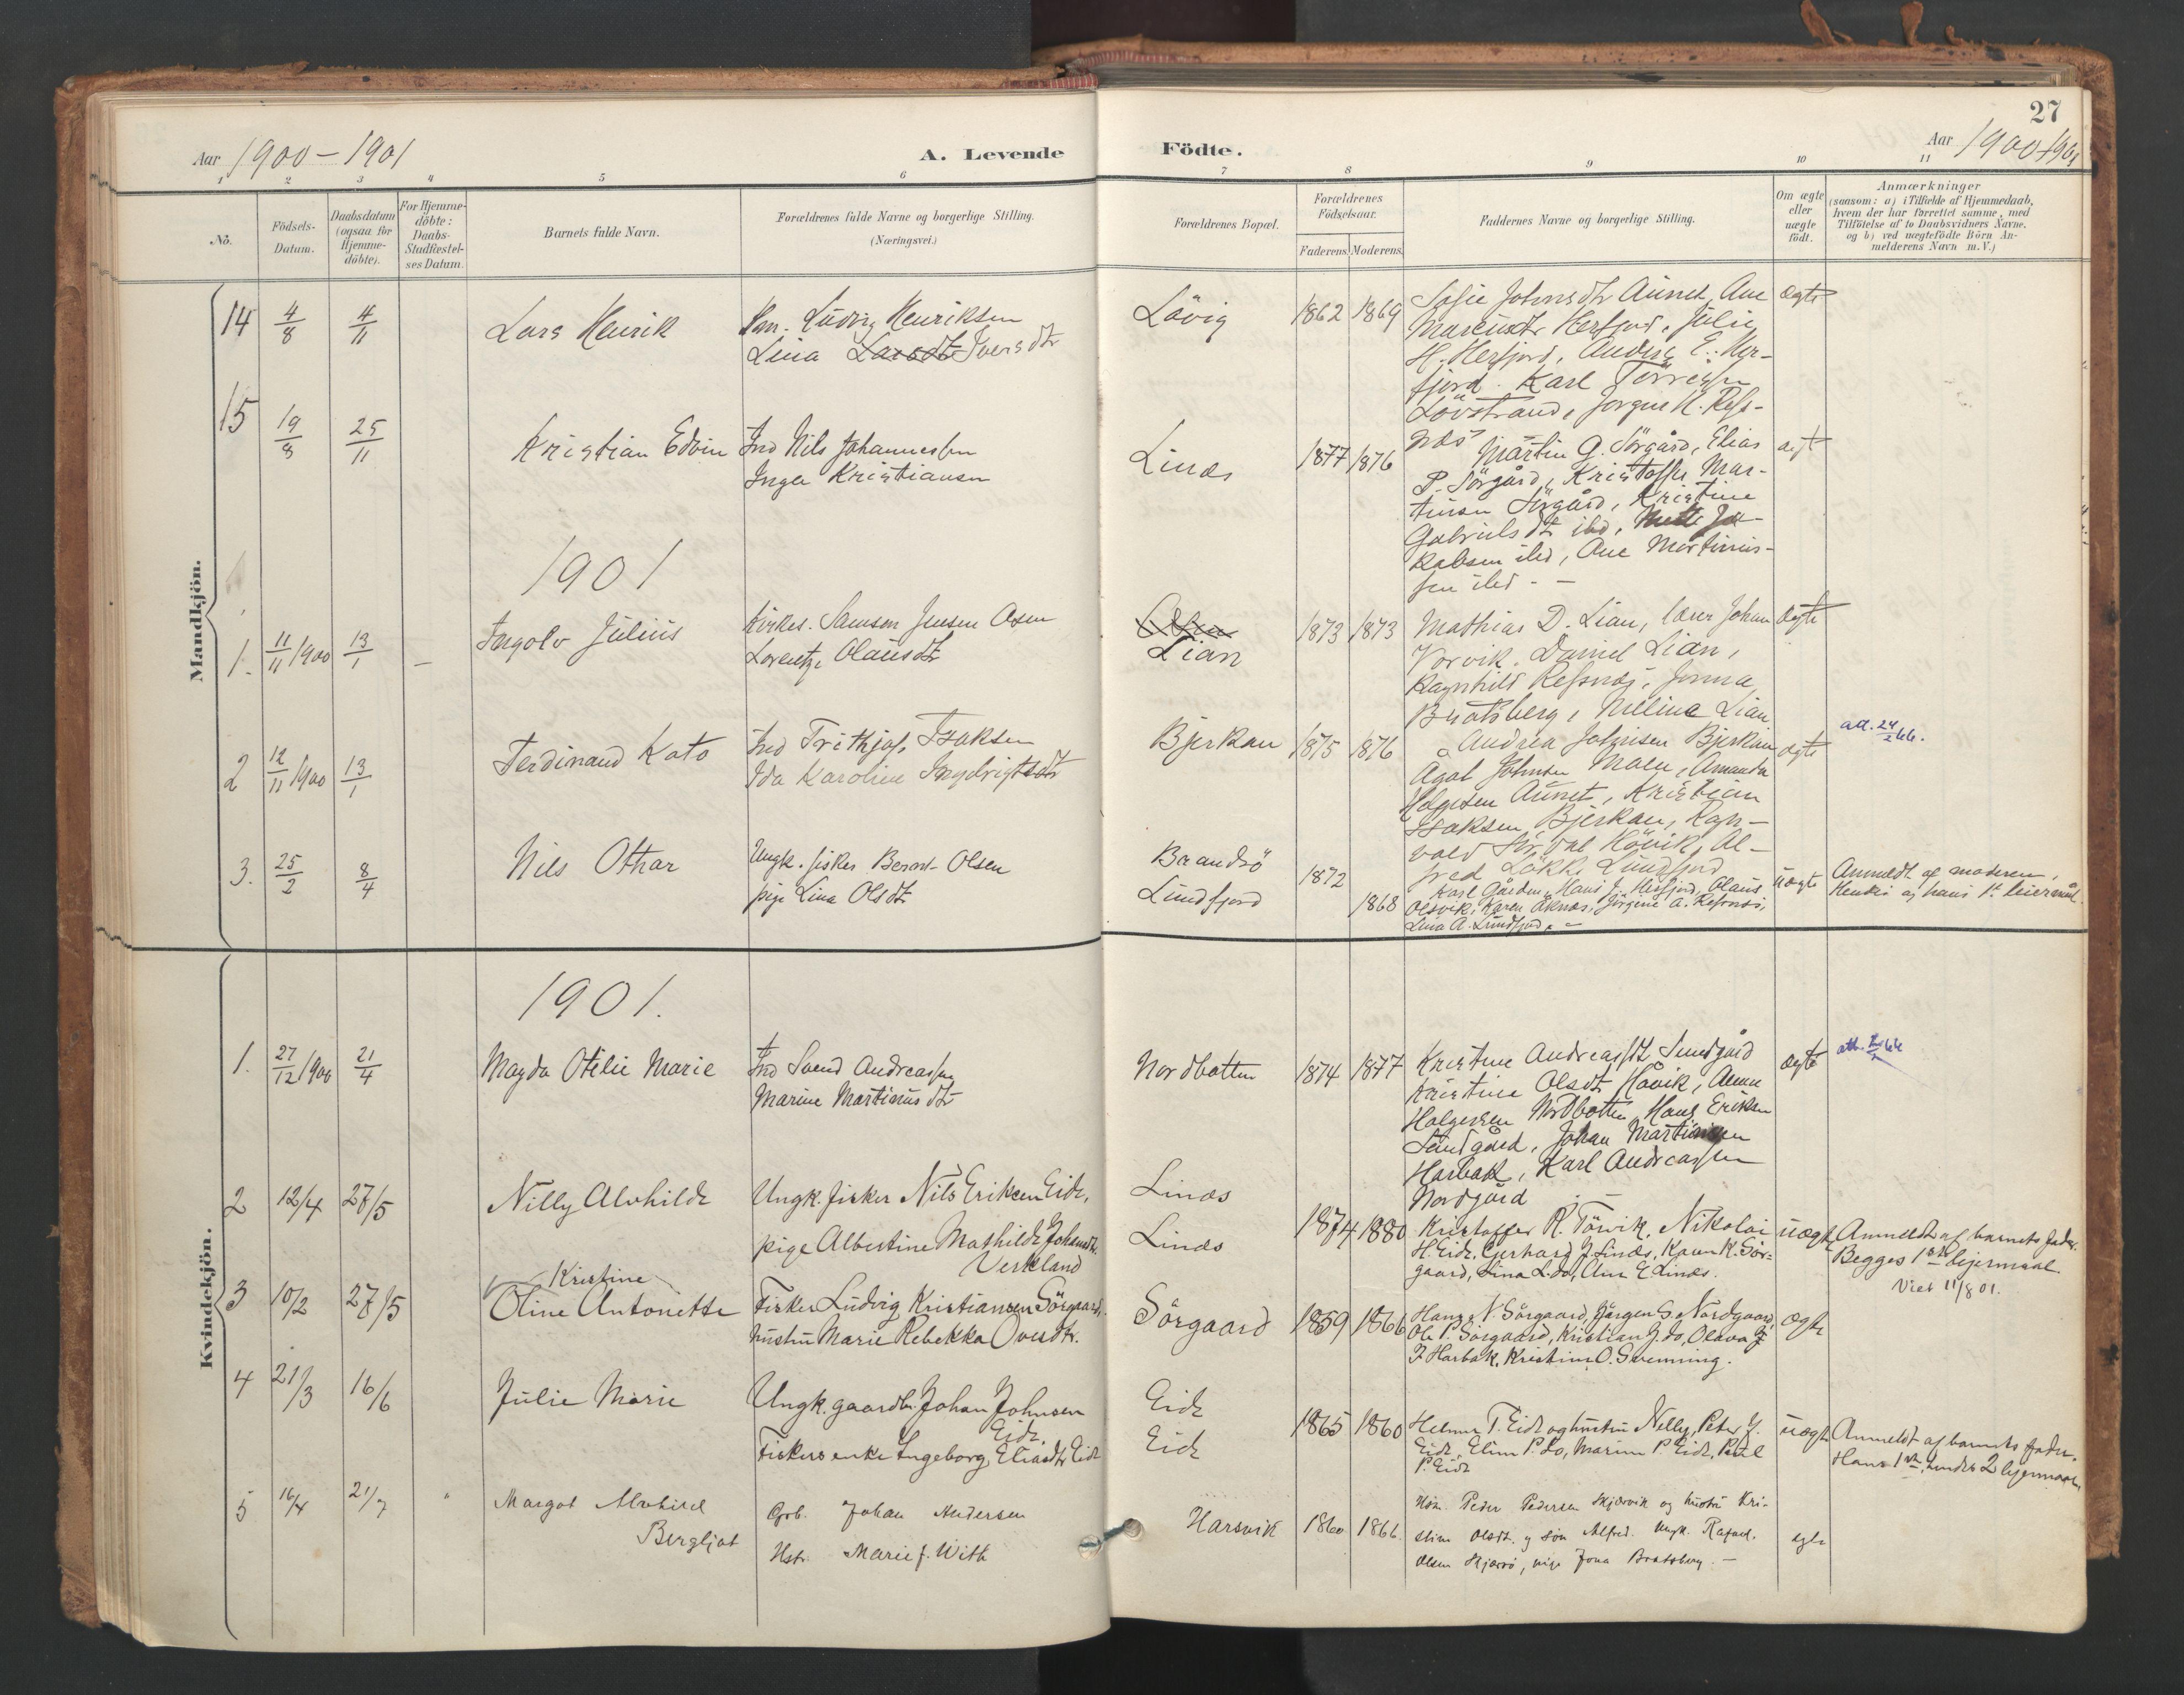 SAT, Ministerialprotokoller, klokkerbøker og fødselsregistre - Sør-Trøndelag, 656/L0693: Ministerialbok nr. 656A02, 1894-1913, s. 27